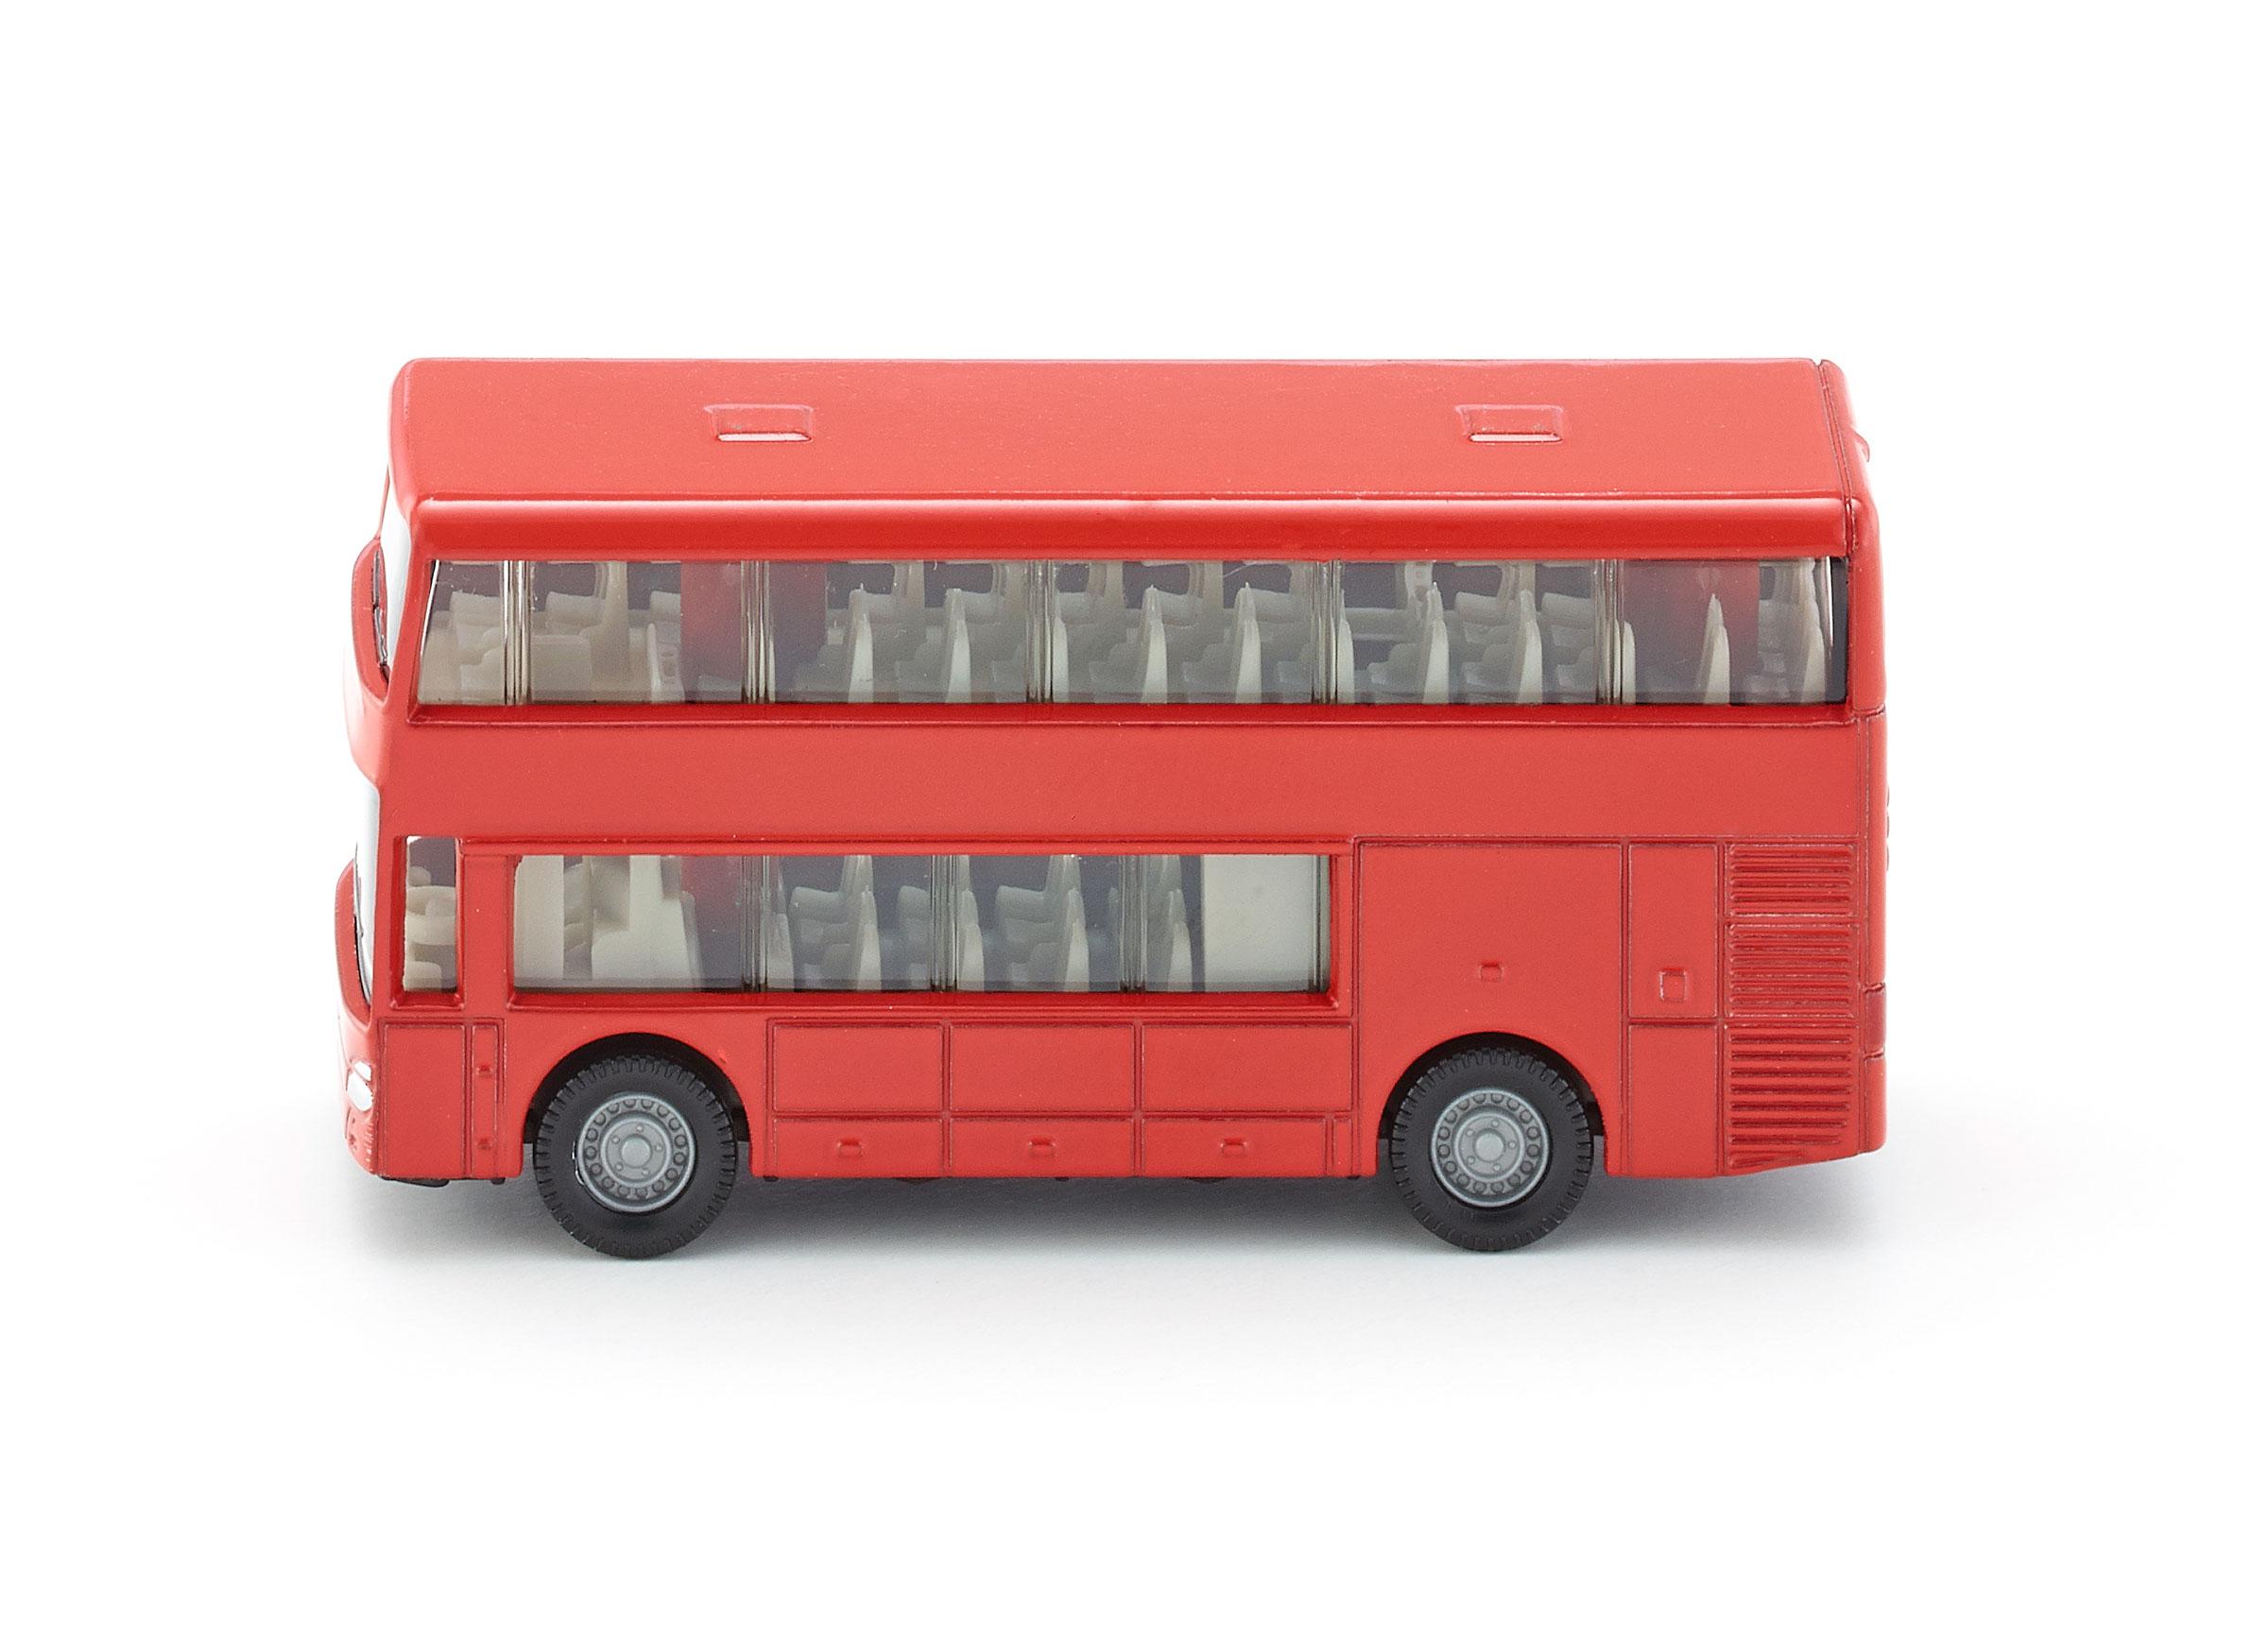 Купить Металлическая модель - Двухэтажный автобус, Siku